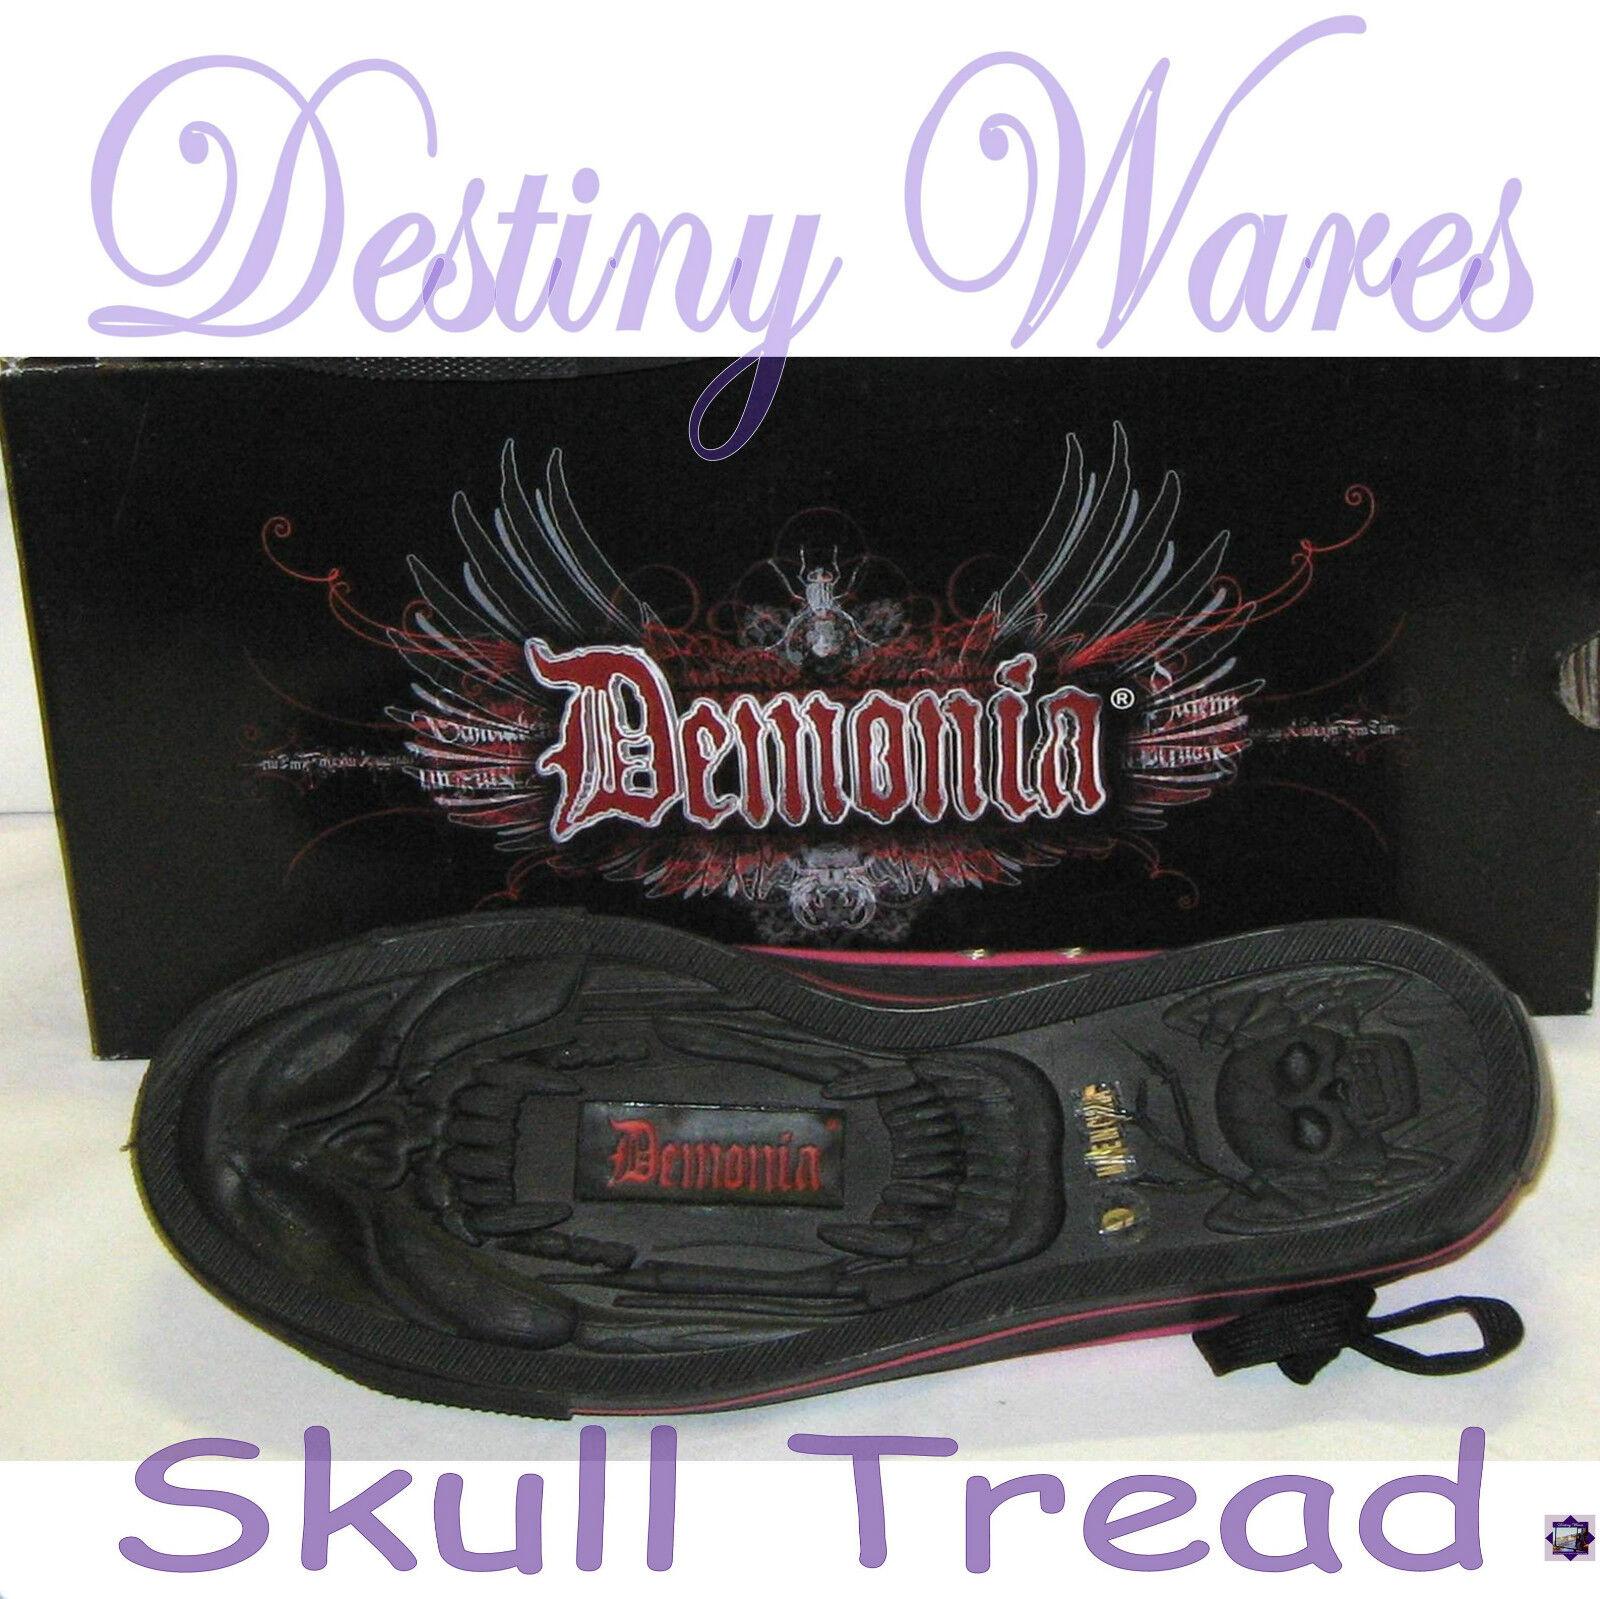 Demonia schwarz schwarz schwarz & Rosa PINSTRIPE CANVAS Zip up Low top Turnschuhe Sz 7 Lady Mens Sz 5 e81297